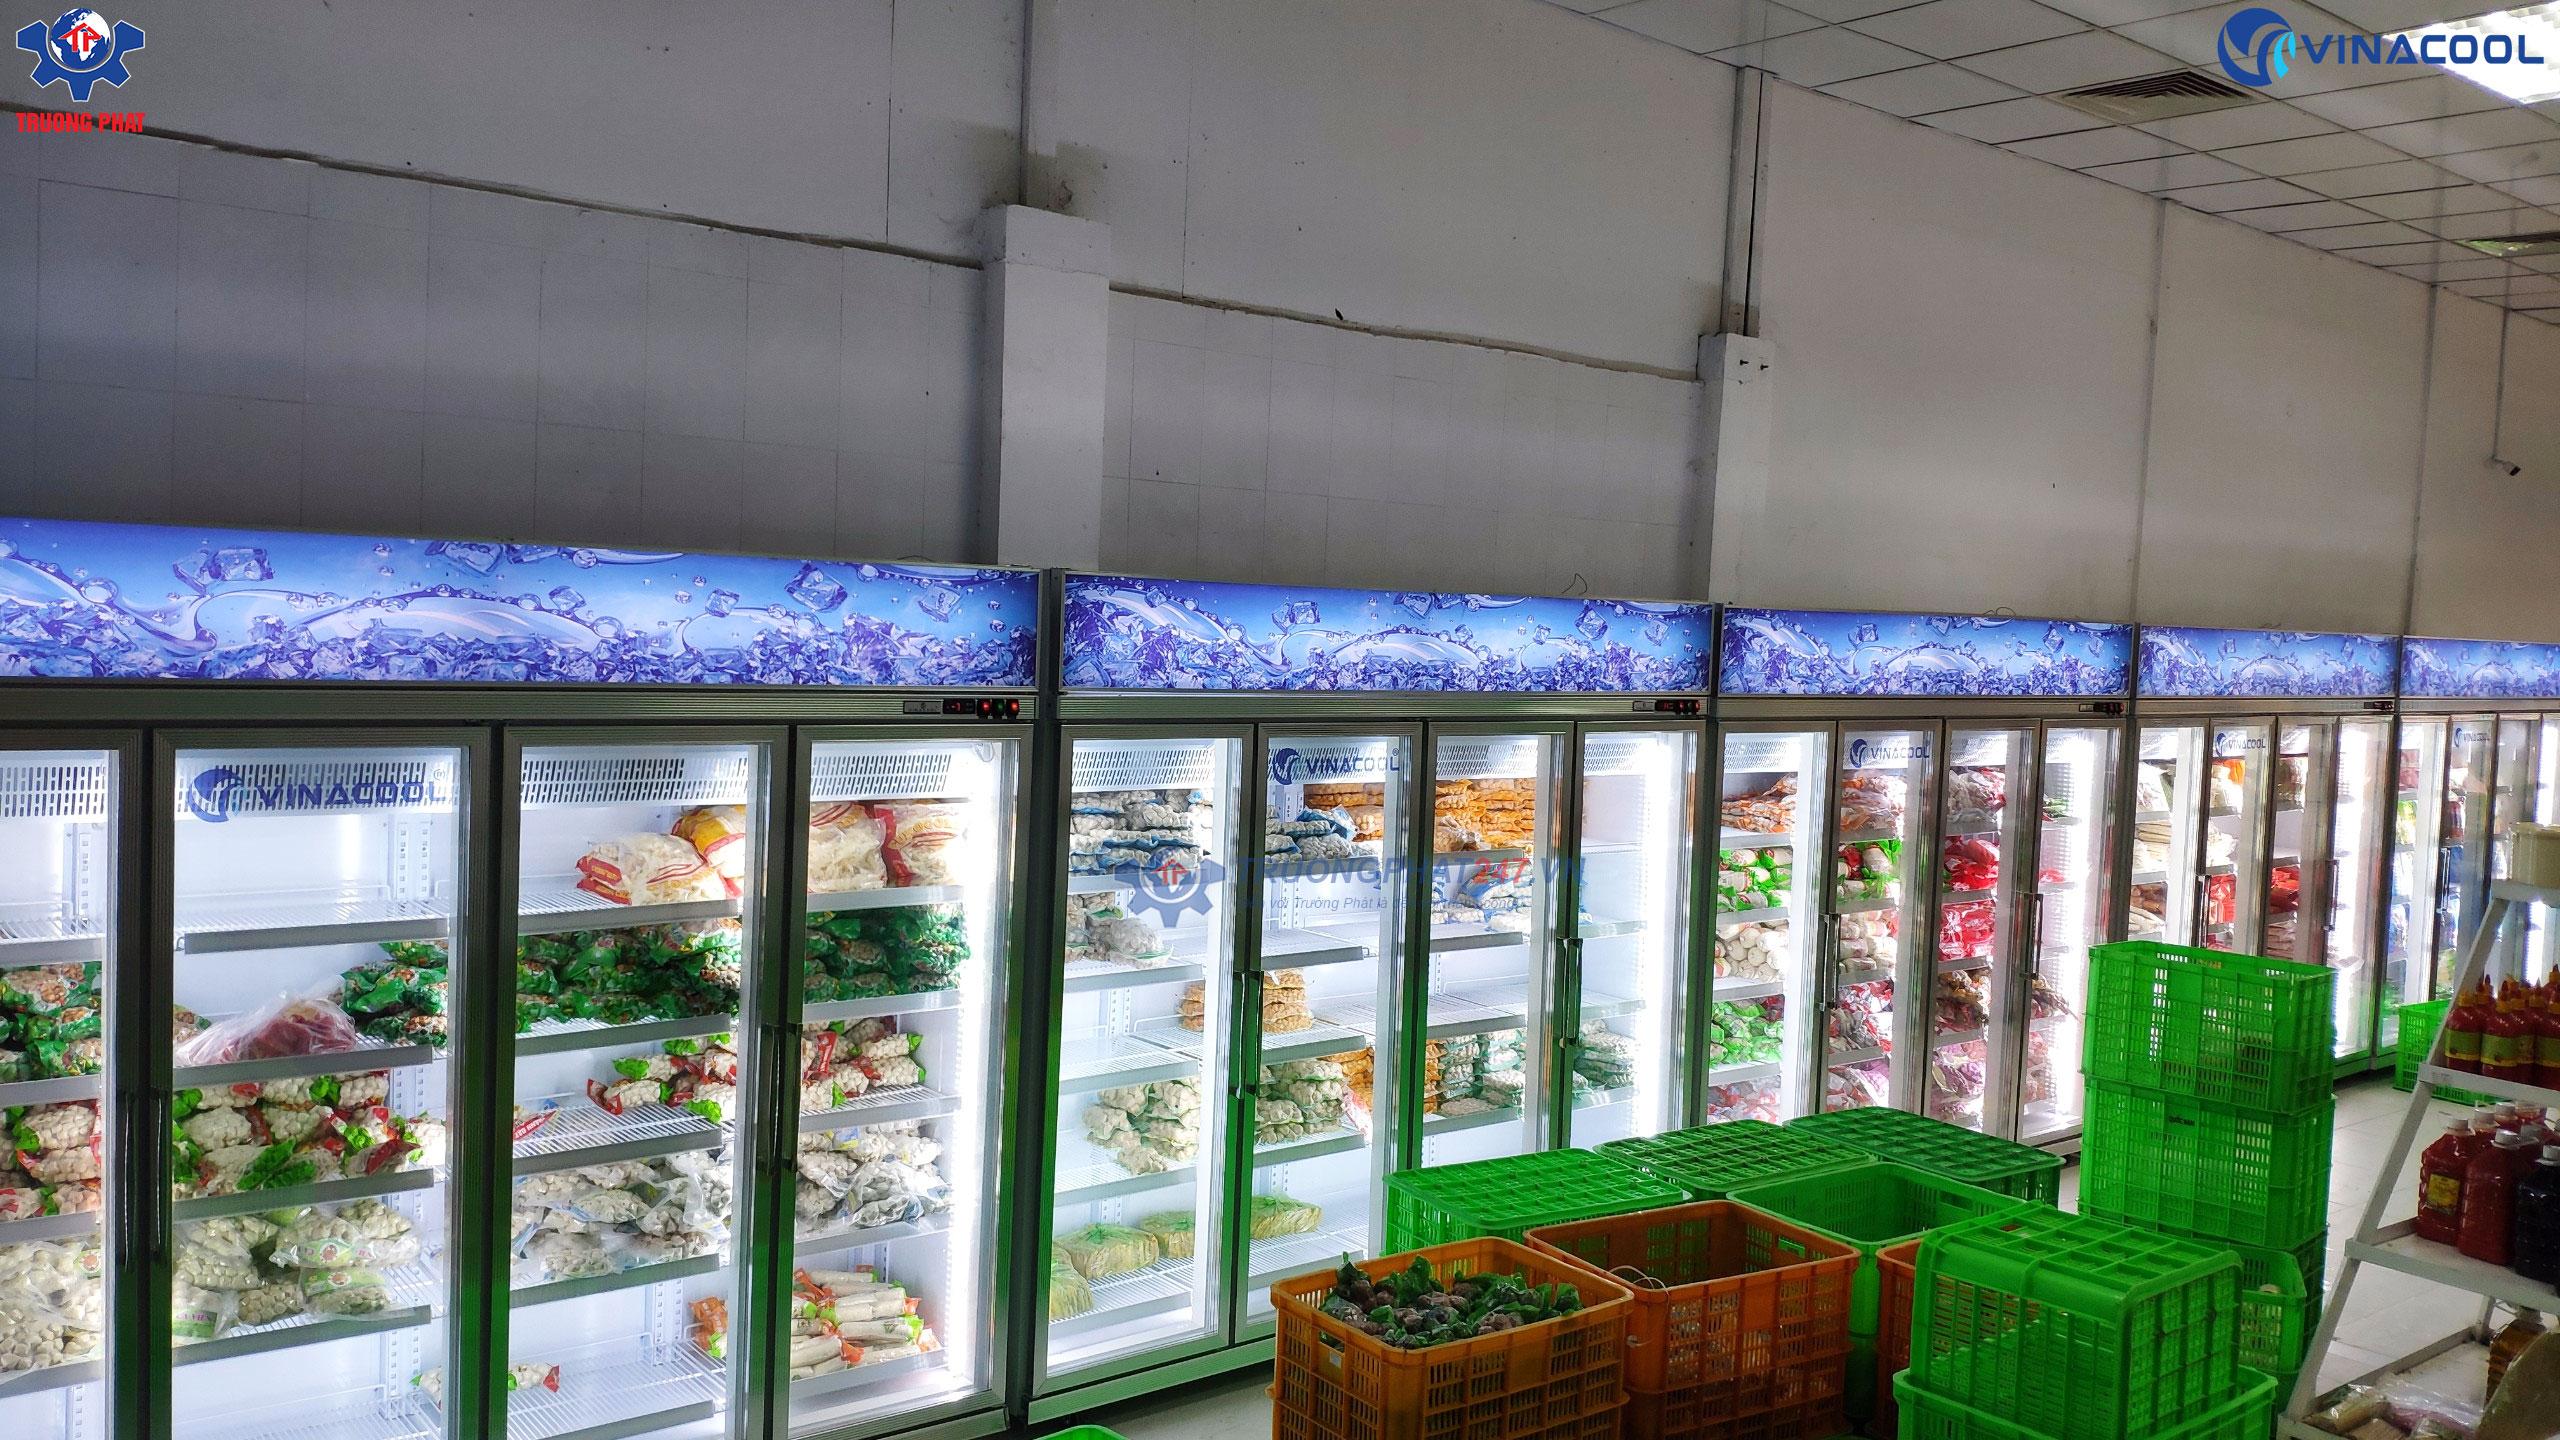 hệ thống tủ đông lạnh 4 cánh kính vinacool